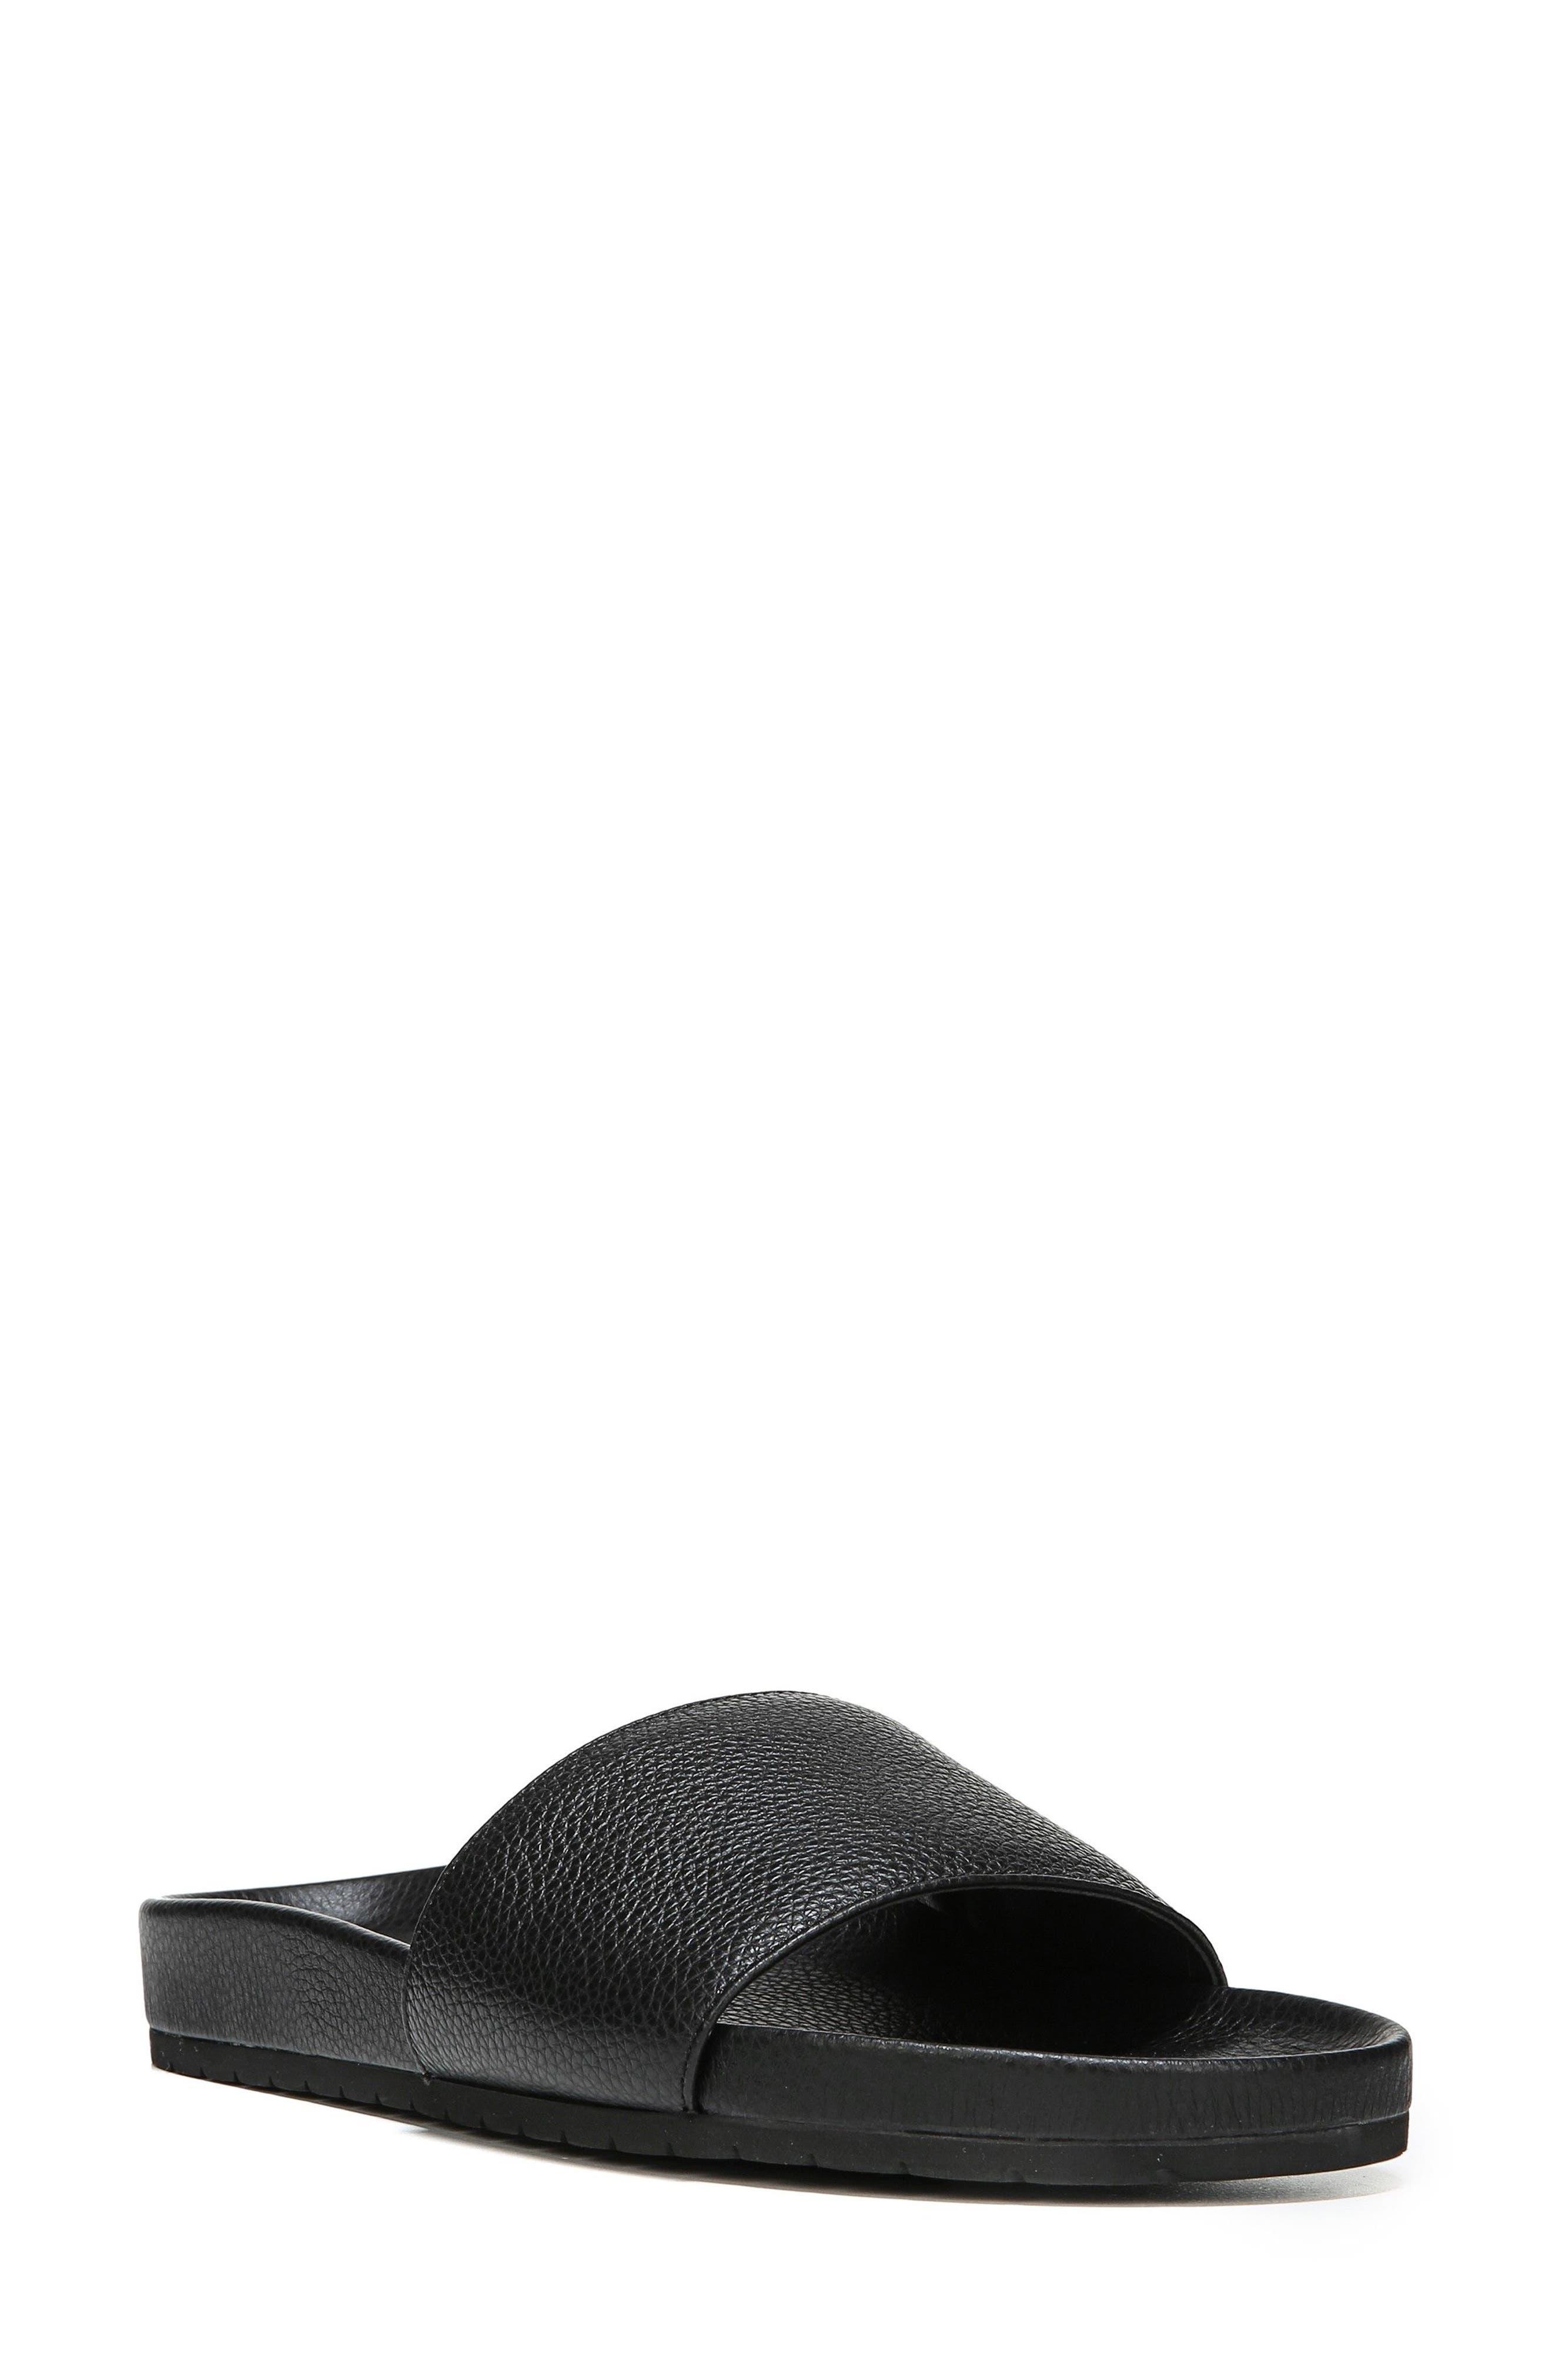 Gavin Slide Sandal,                         Main,                         color, Black